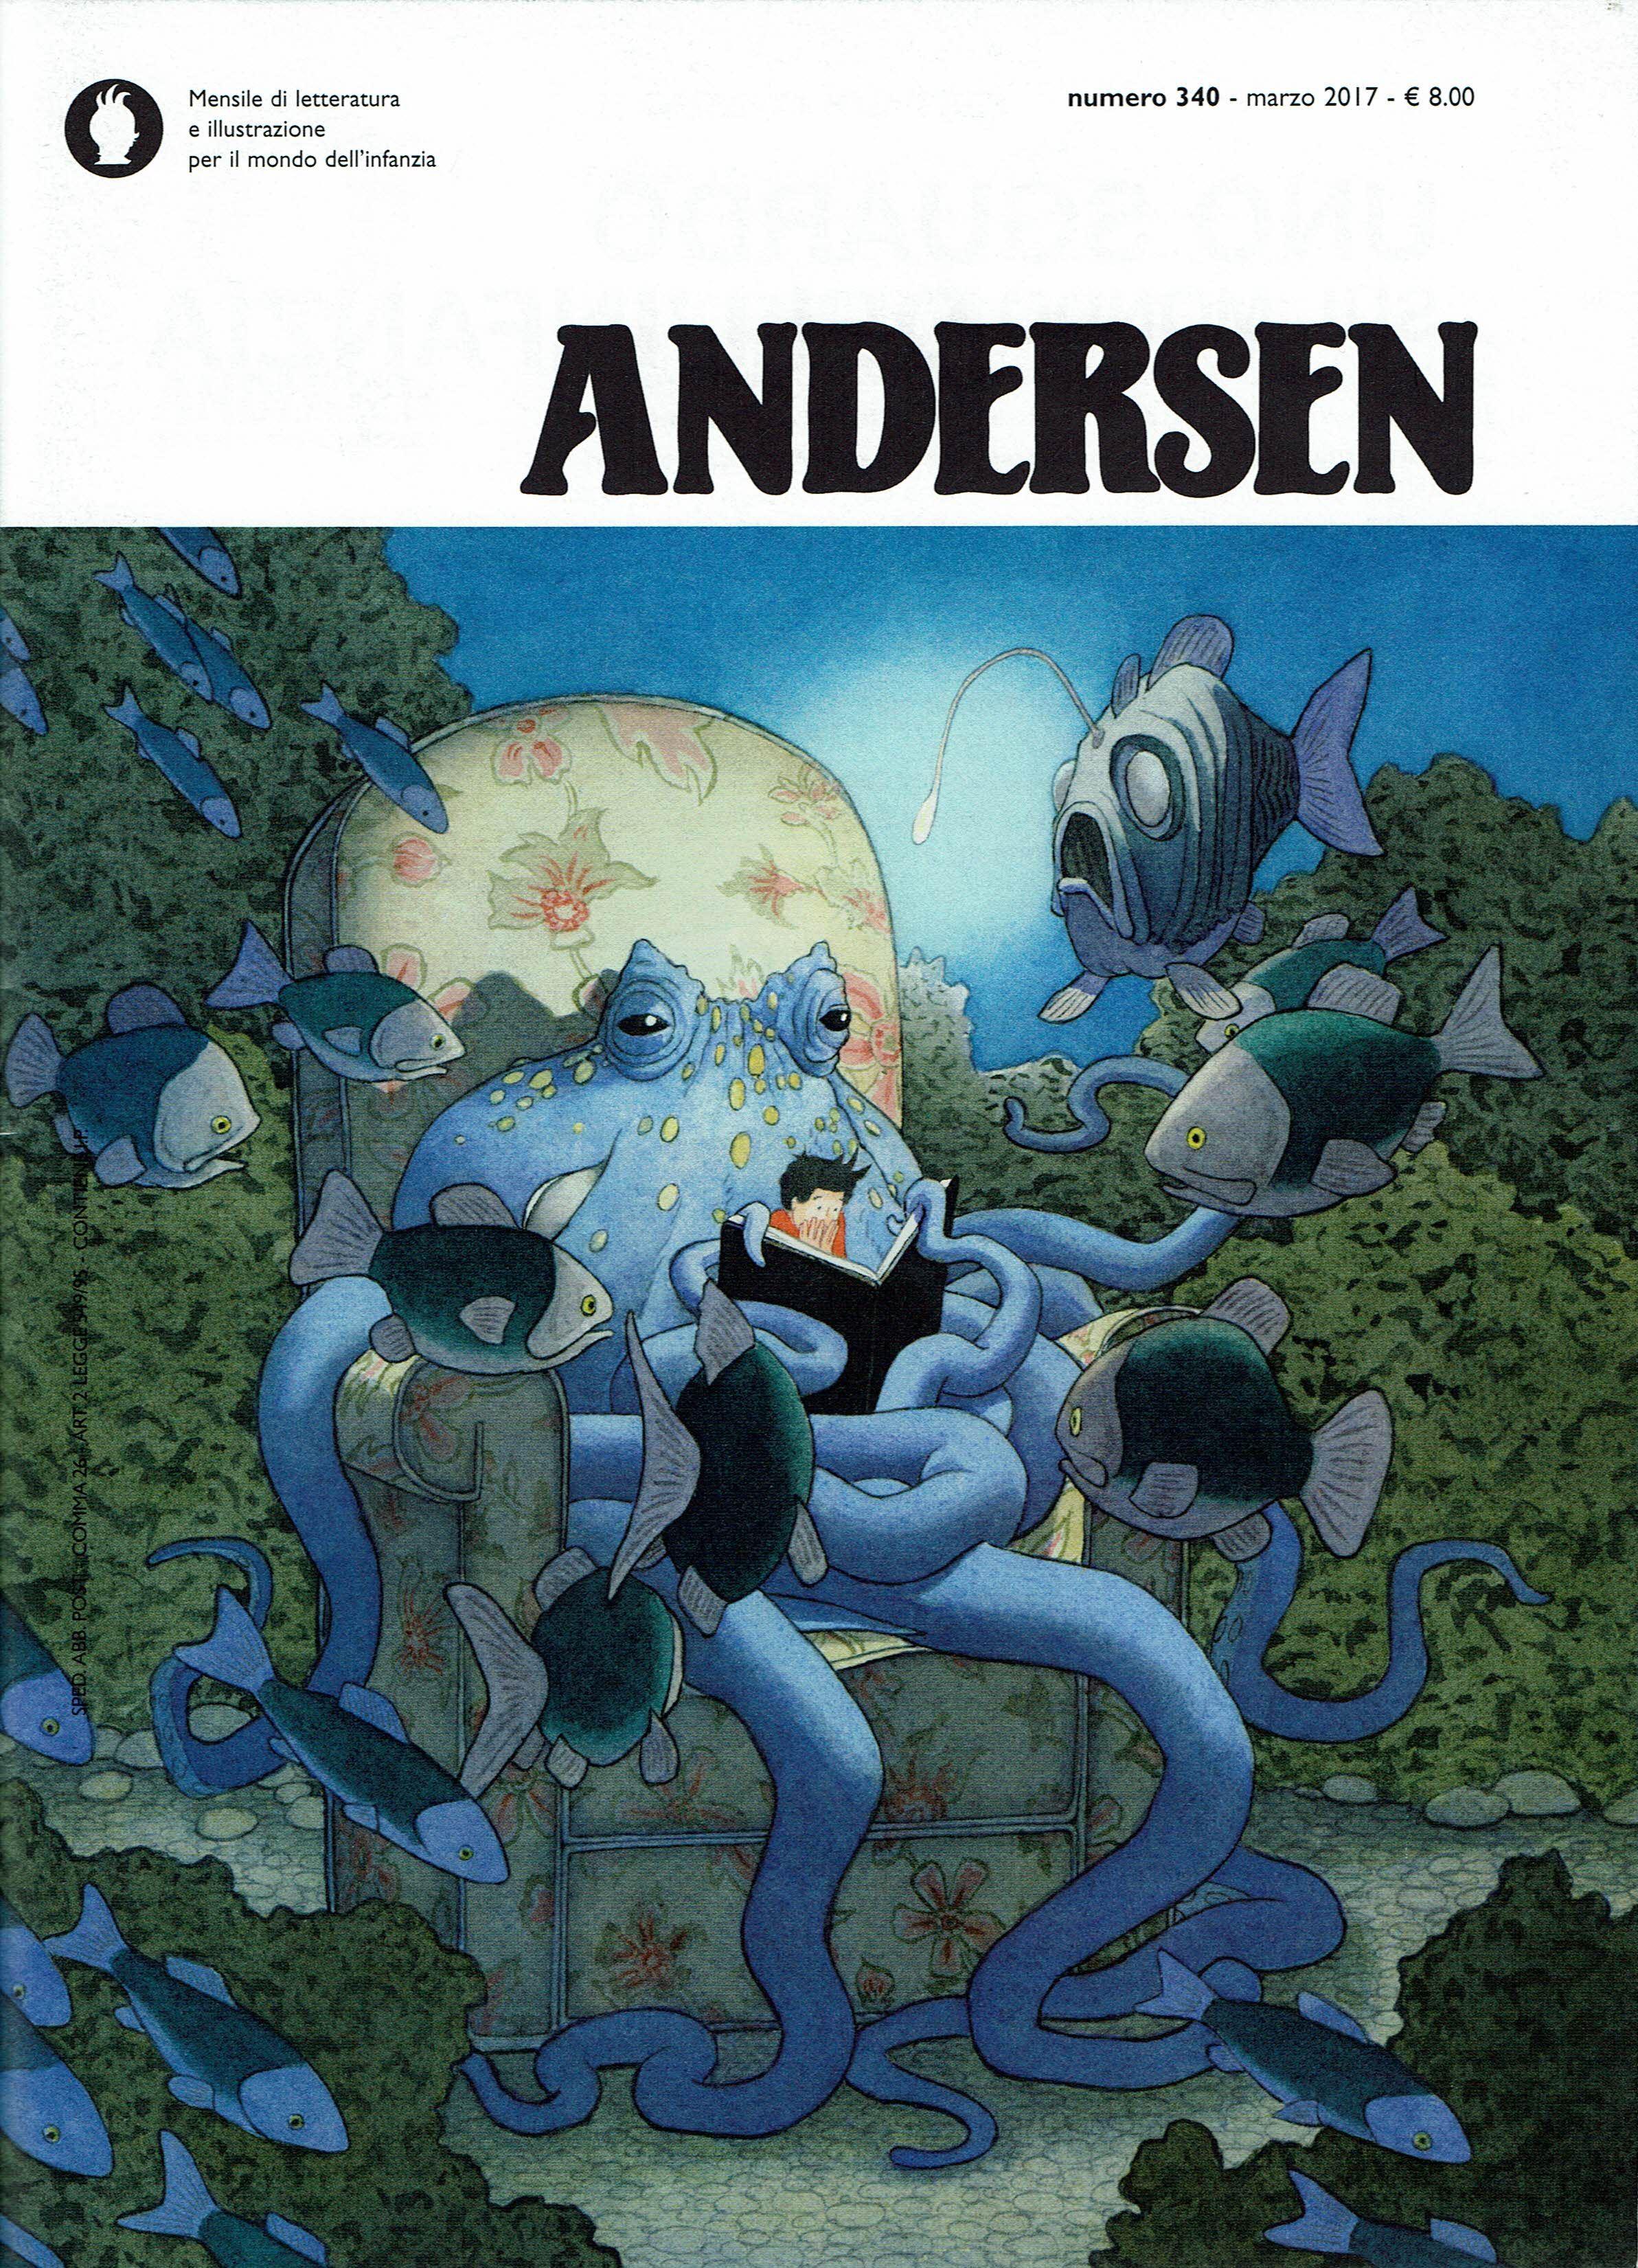 Andersen Marzo 2017 cover